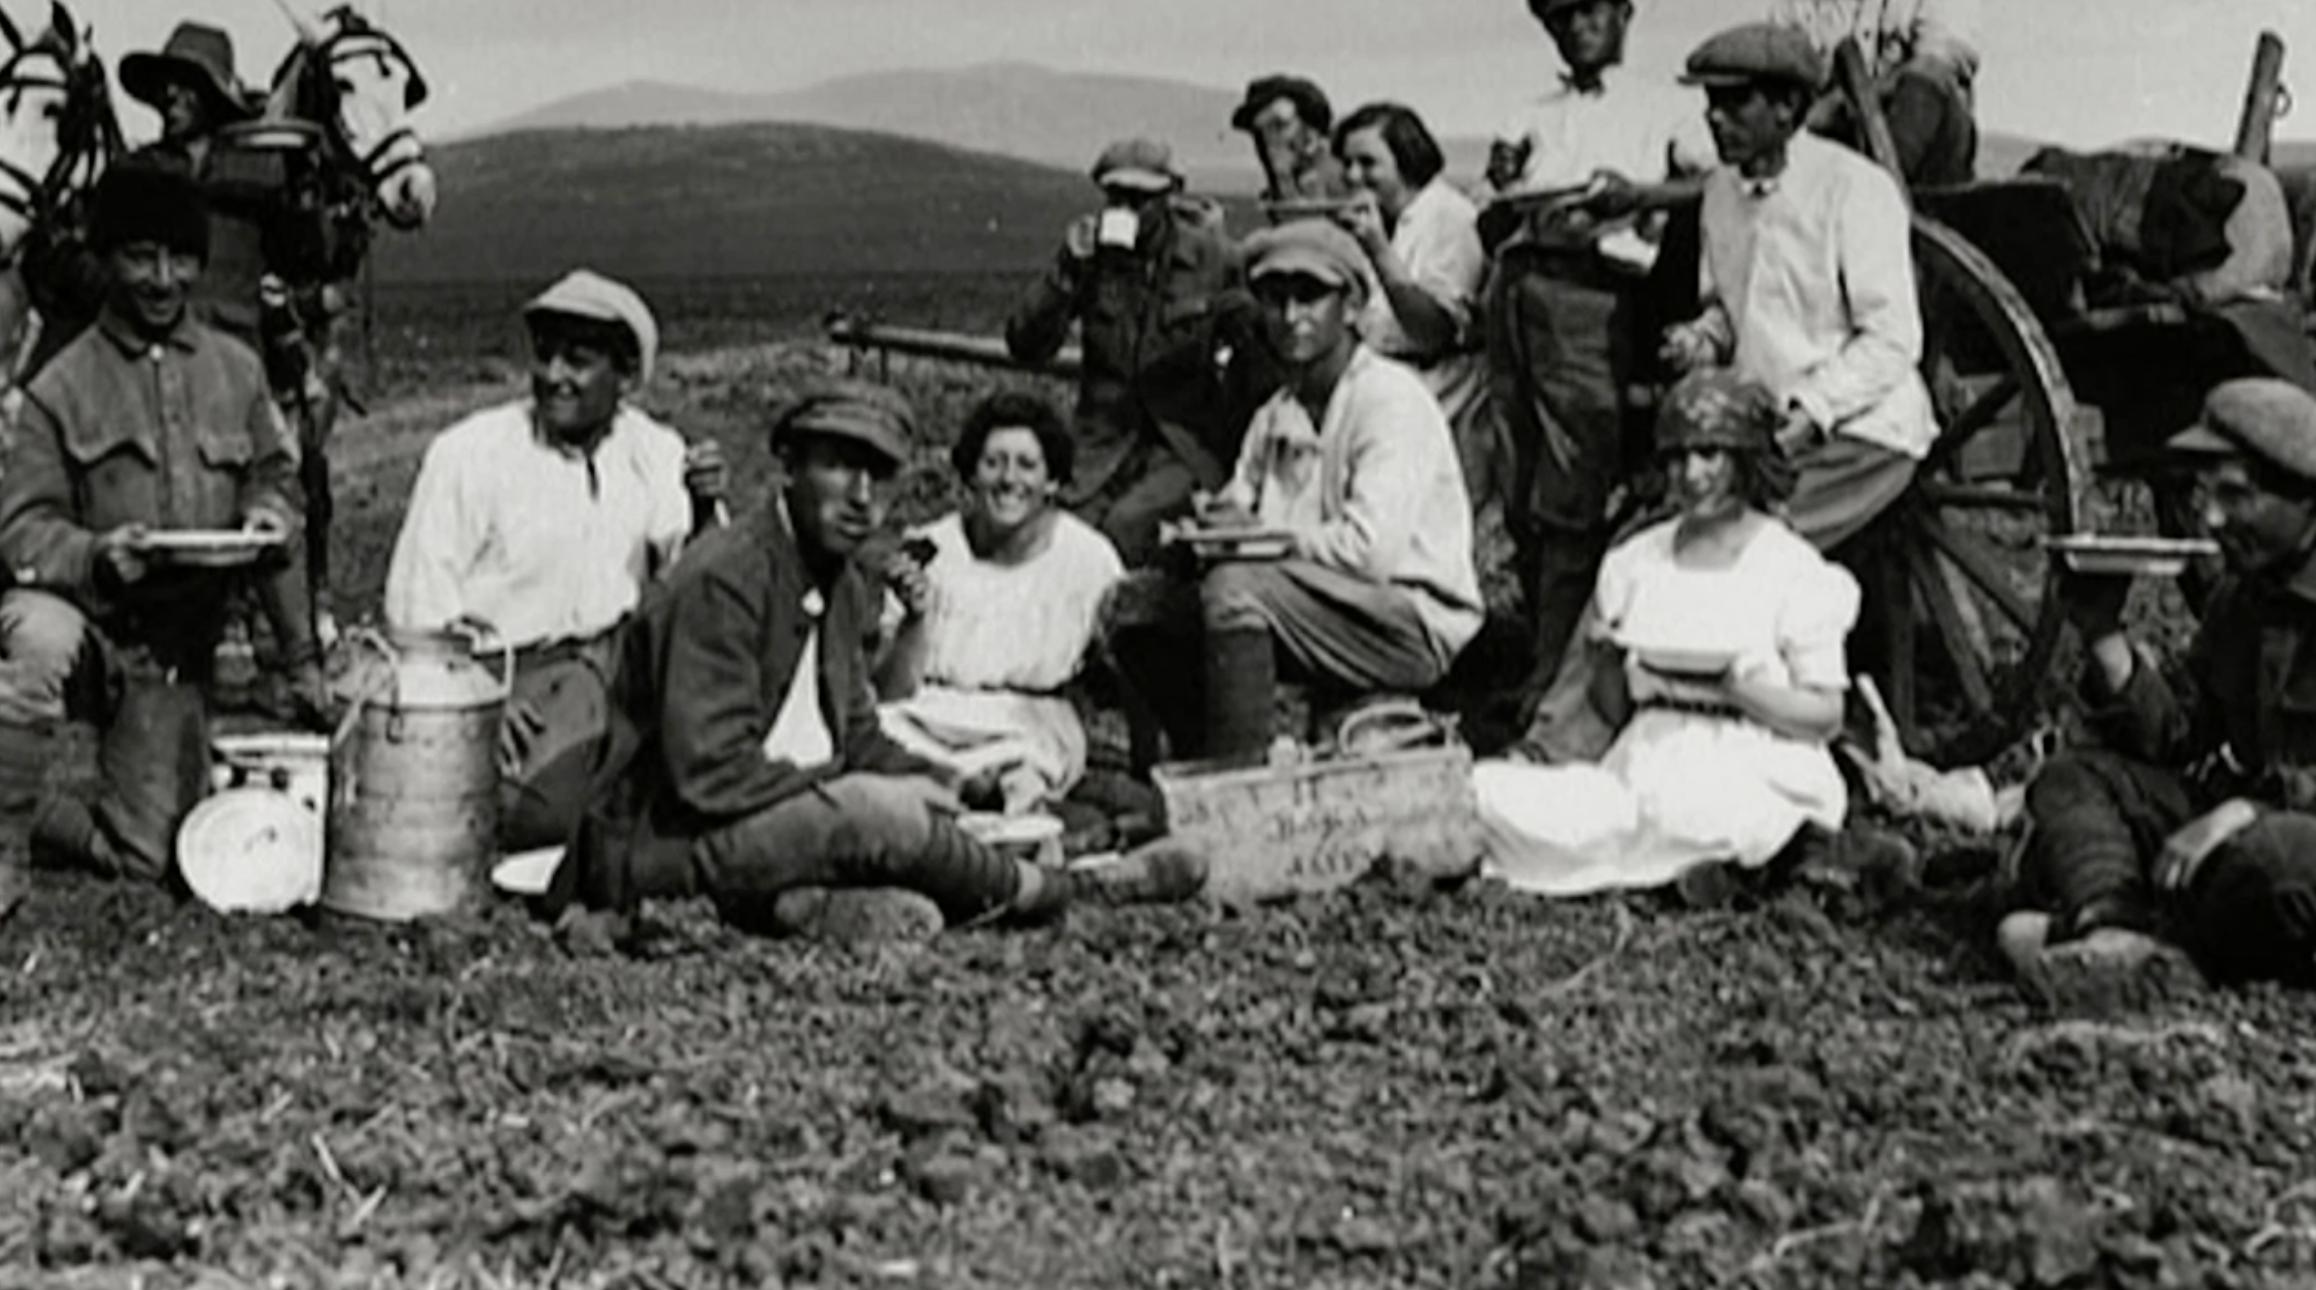 Kibbutznik Picnic